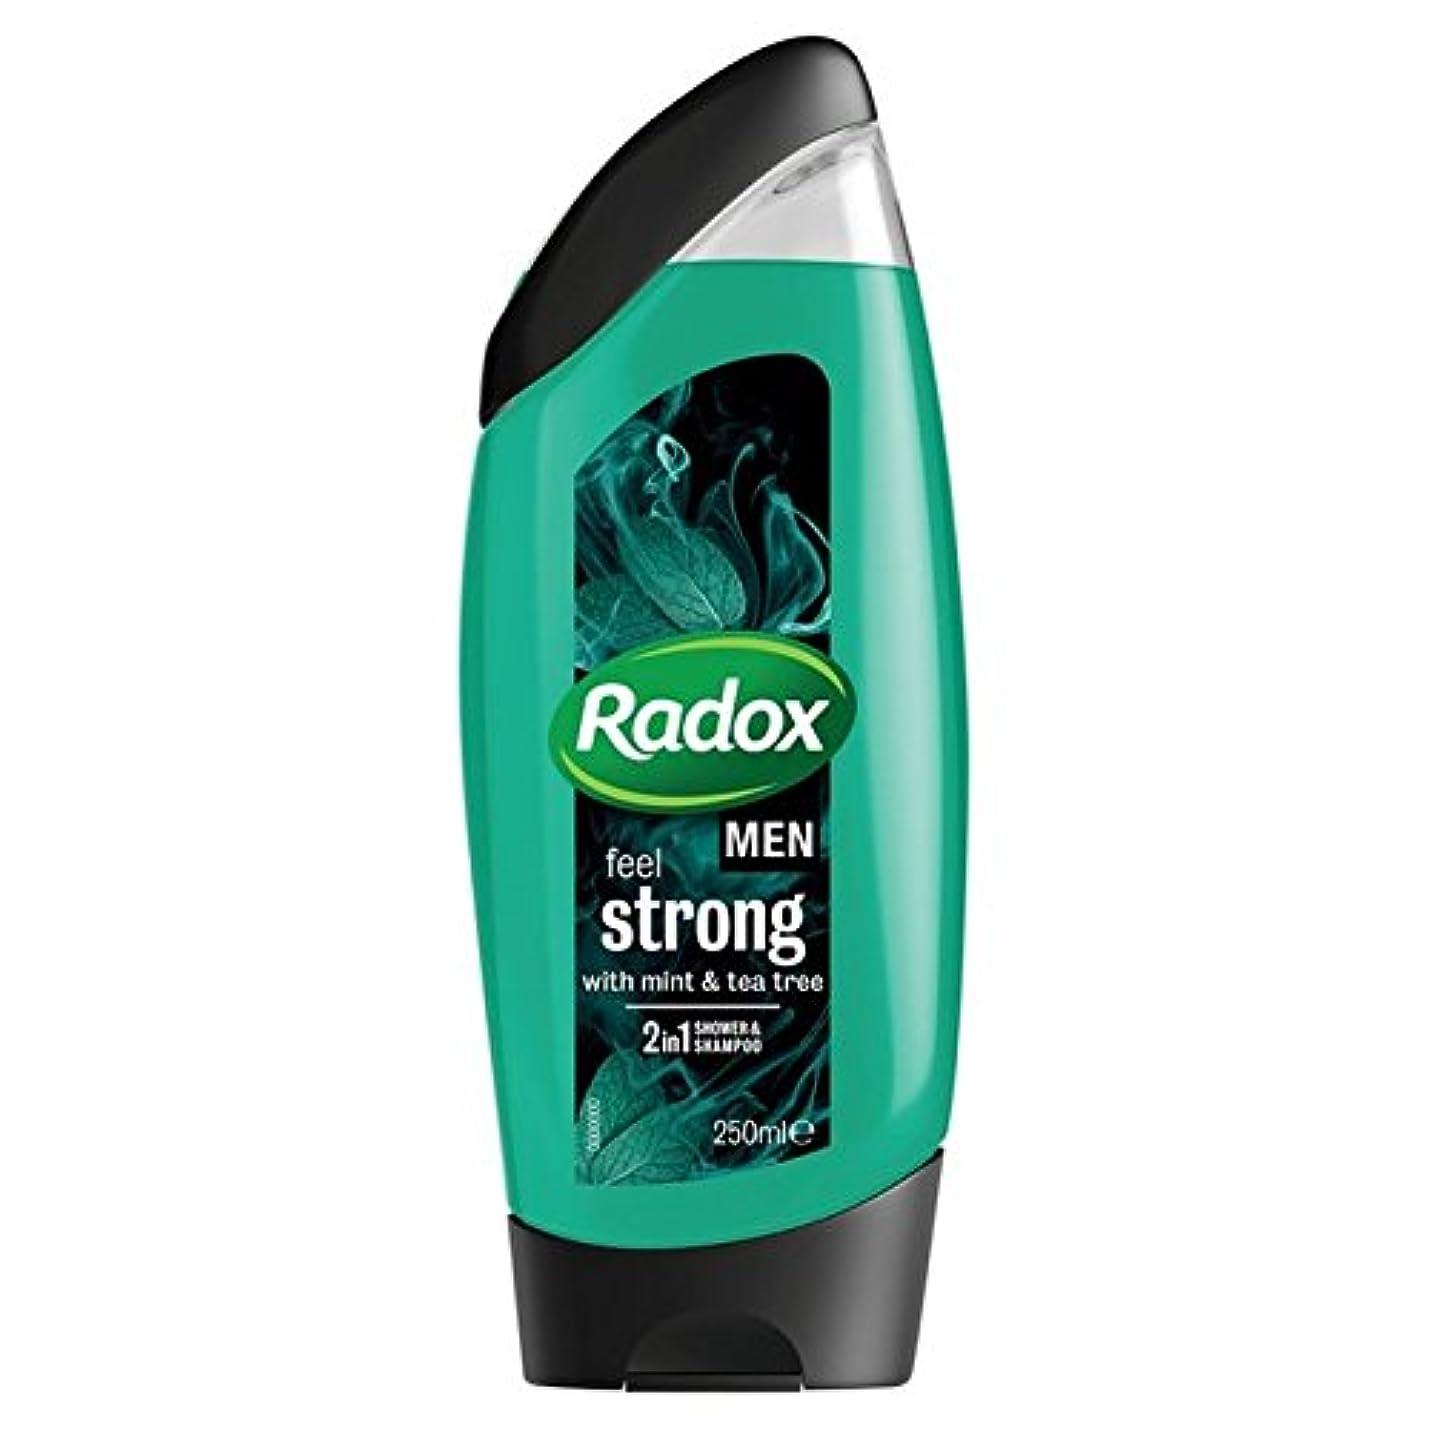 生じる黒板家主男性は、強力なミント&ティーツリーの21のシャワージェル250ミリリットルを感じます x2 - Radox Men Feel Strong Mint & Tea Tree 2in1 Shower Gel 250ml (Pack of 2) [並行輸入品]